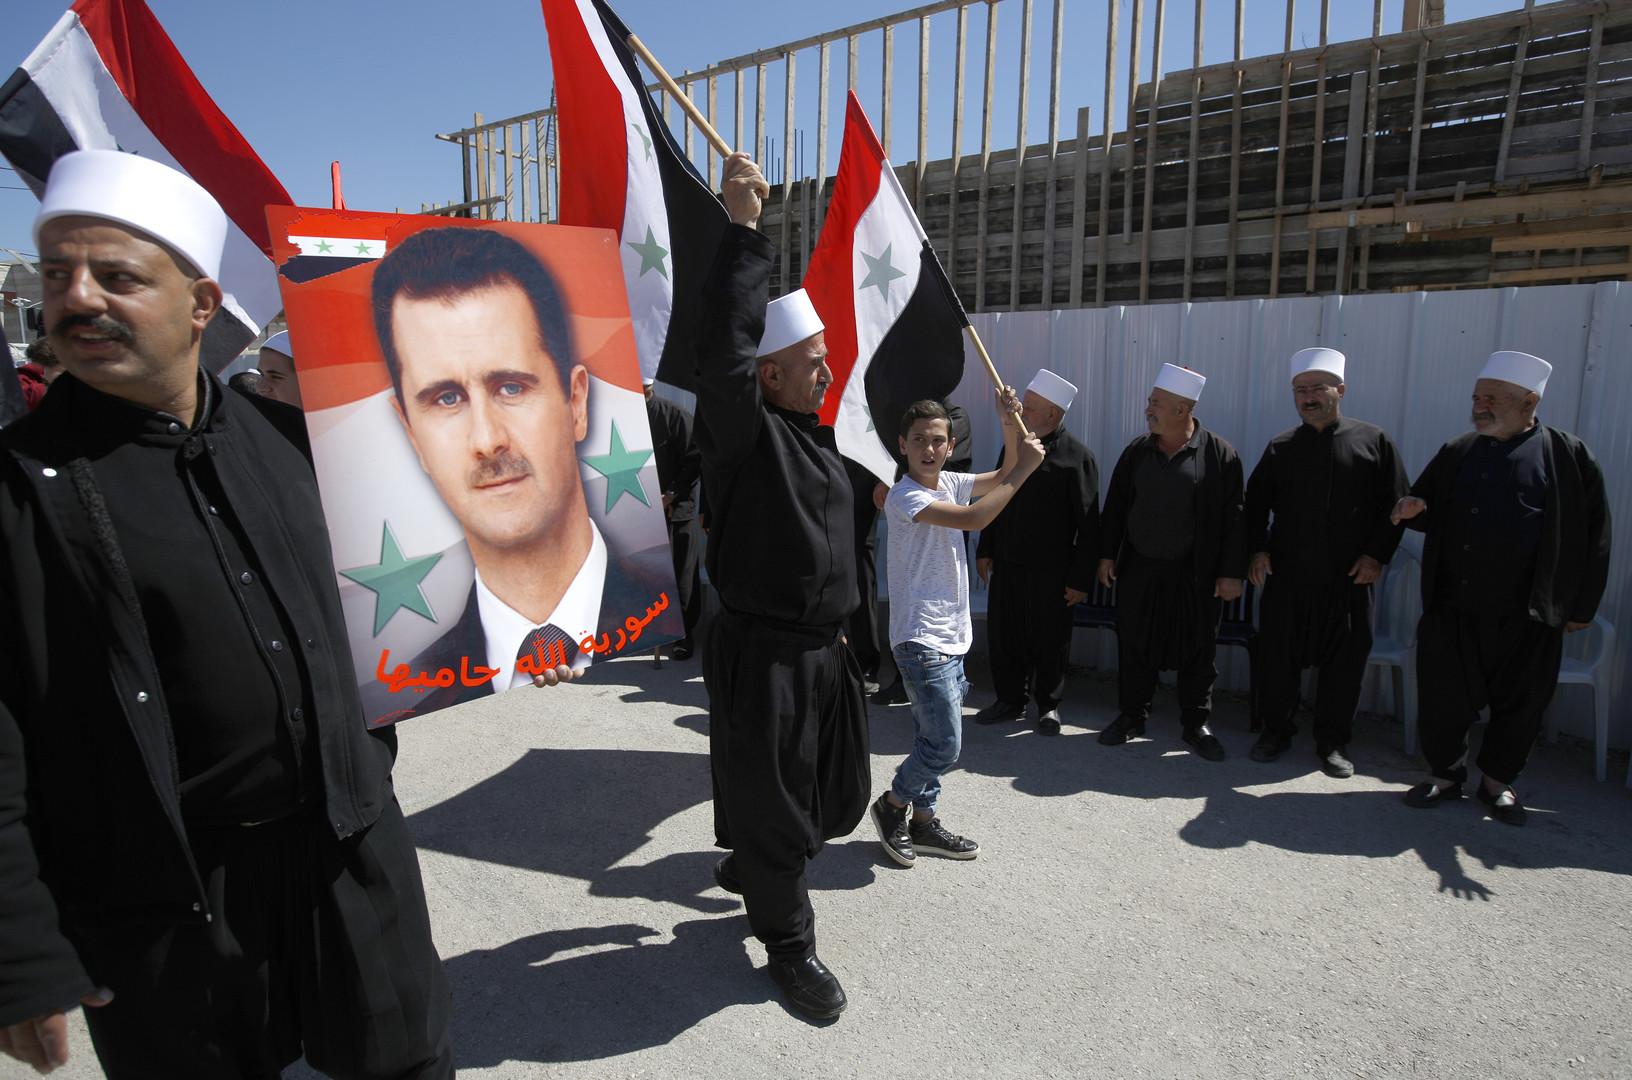 Golan occupé : des centaines de manifestants commémorent l'indépendance de la Syrie (PHOTOS)